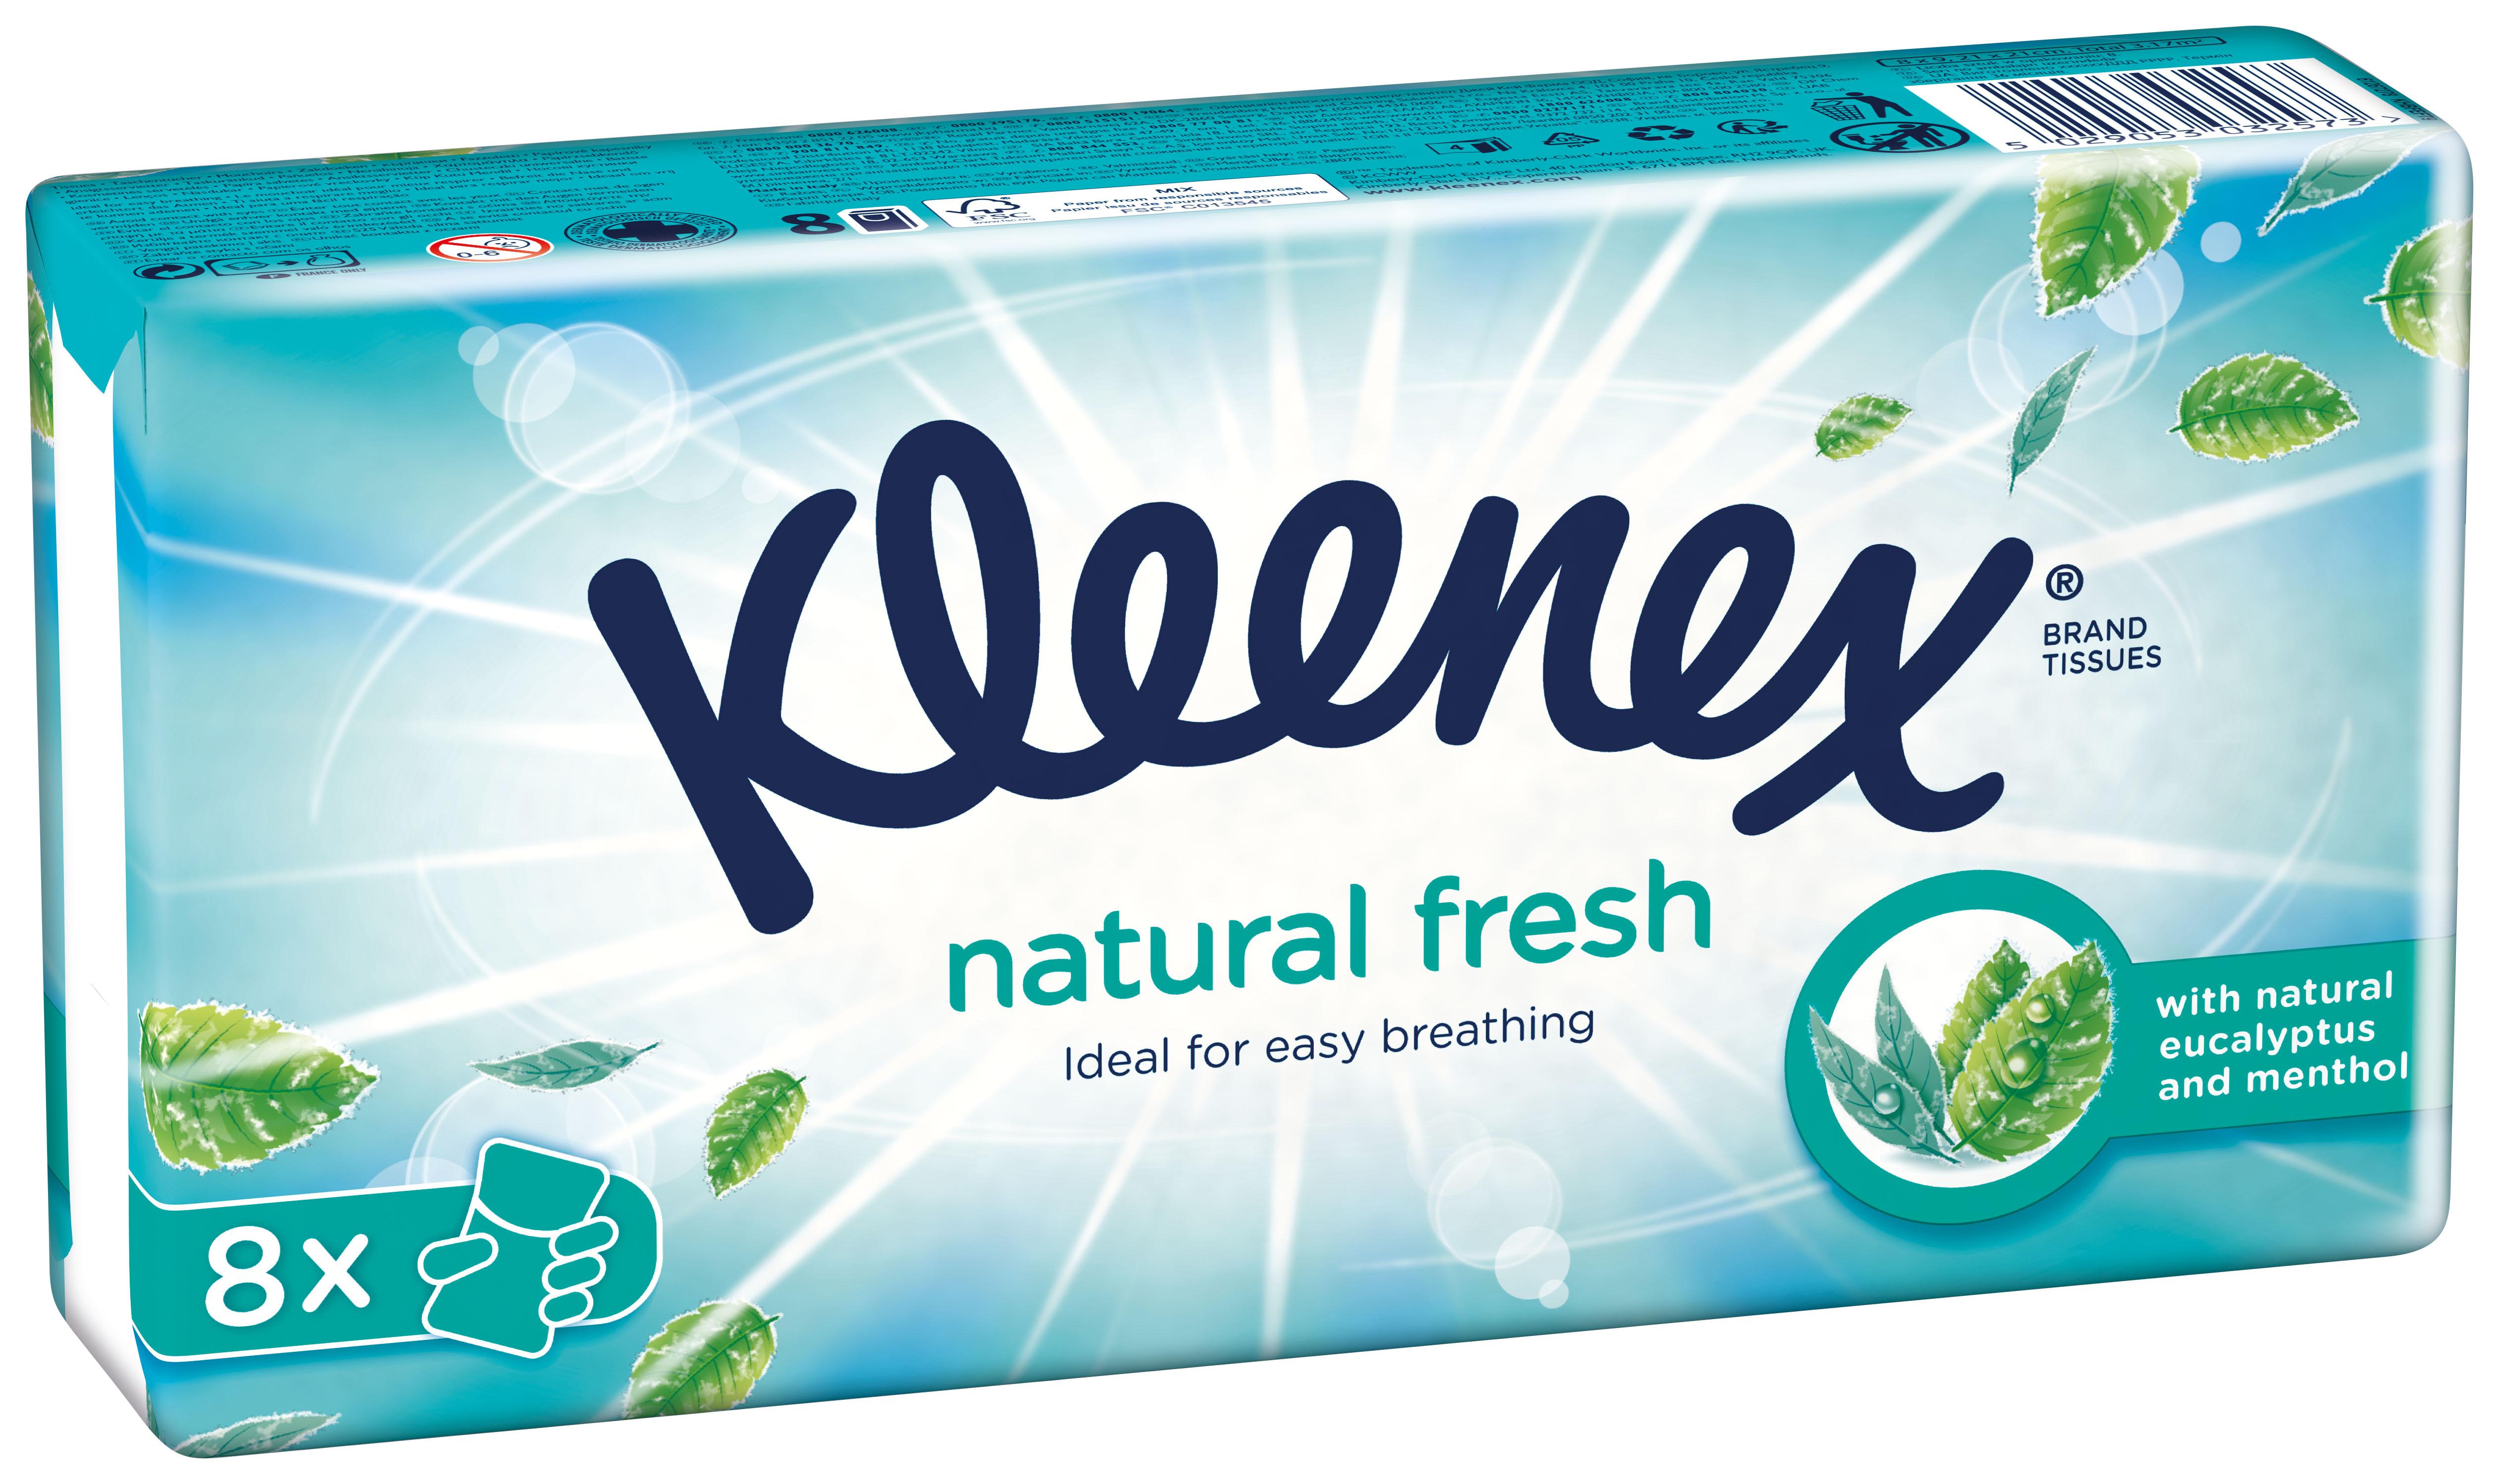 Χαρτομάντηλα τσέπης Natural Fresh Kleenex (8 πακέτα)